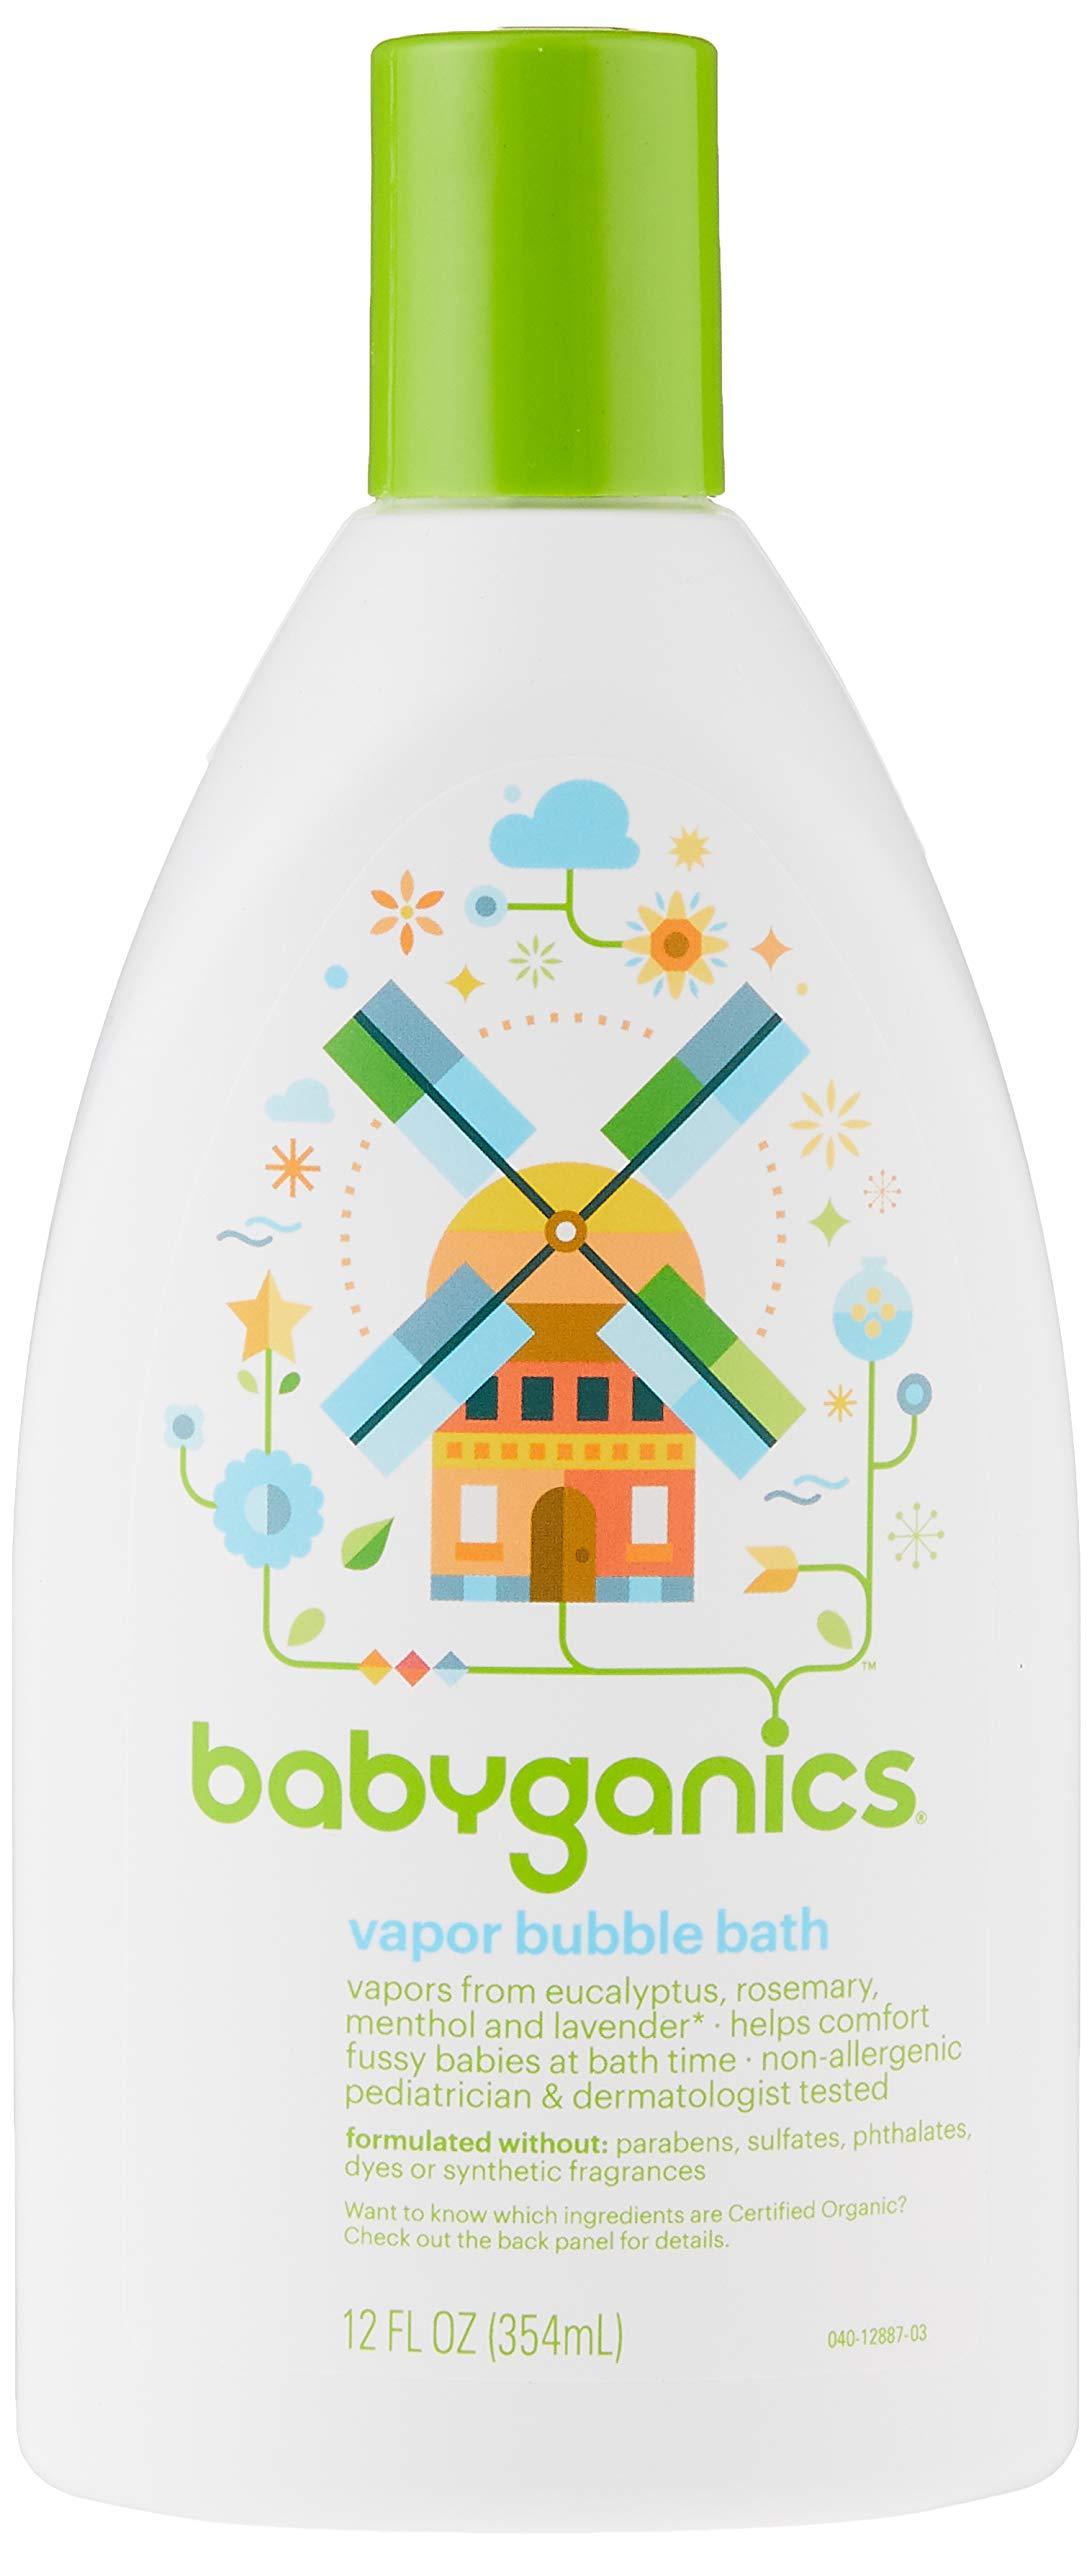 BabyGanics Vapor Bubble Bath -12oz